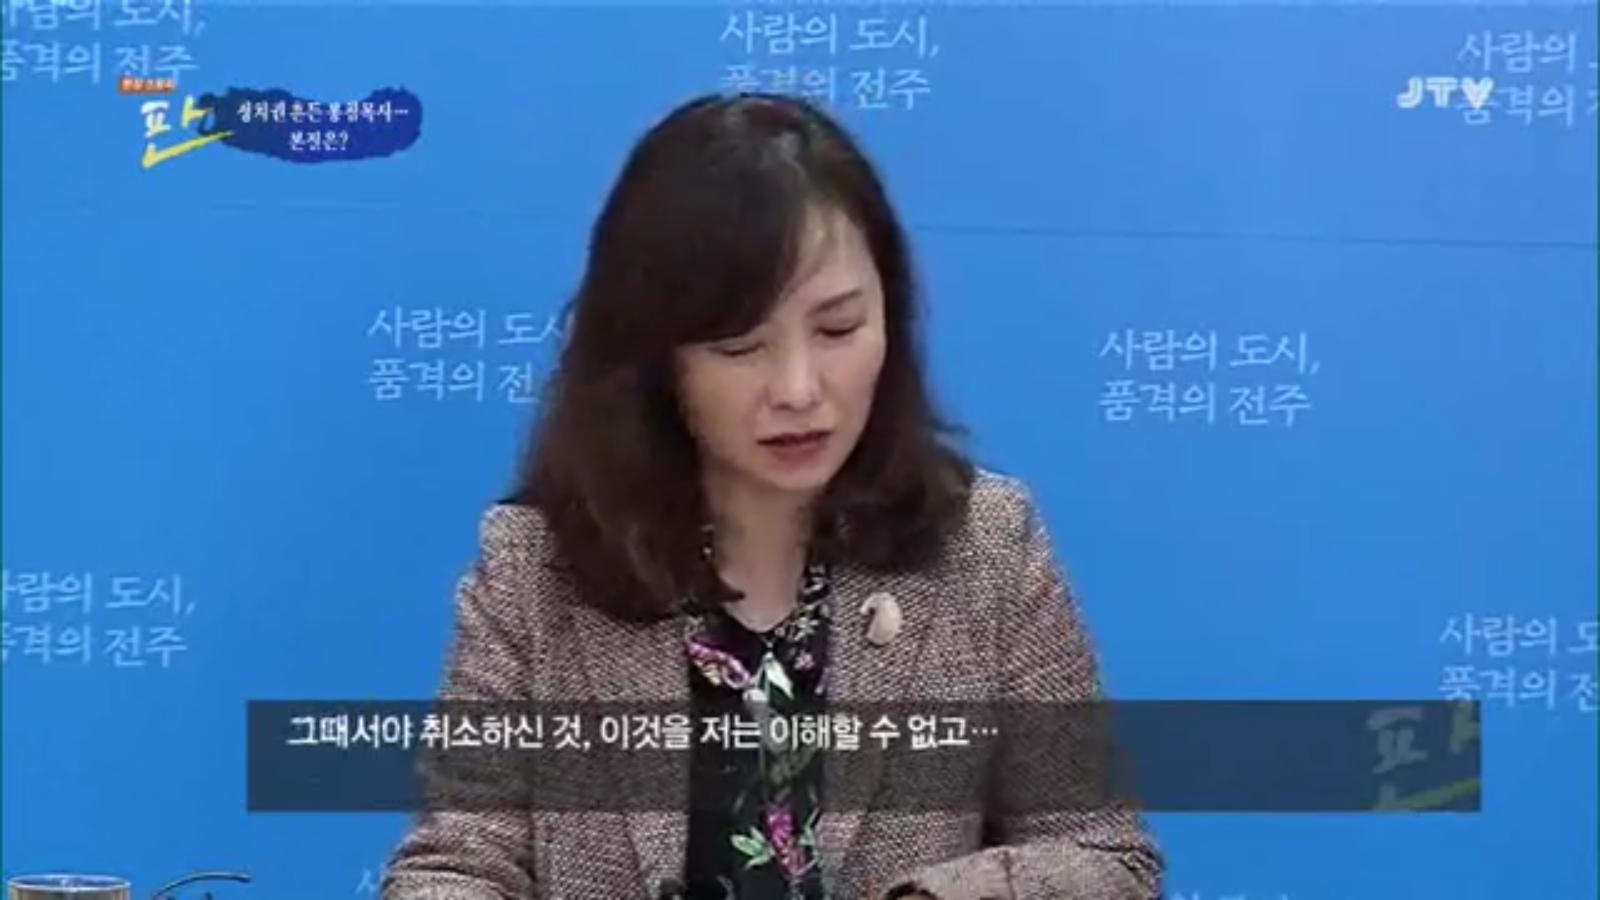 [18.4.13 JTV] 전주 봉침게이트, 정치권 흔든 봉침목사...본질은33.jpg